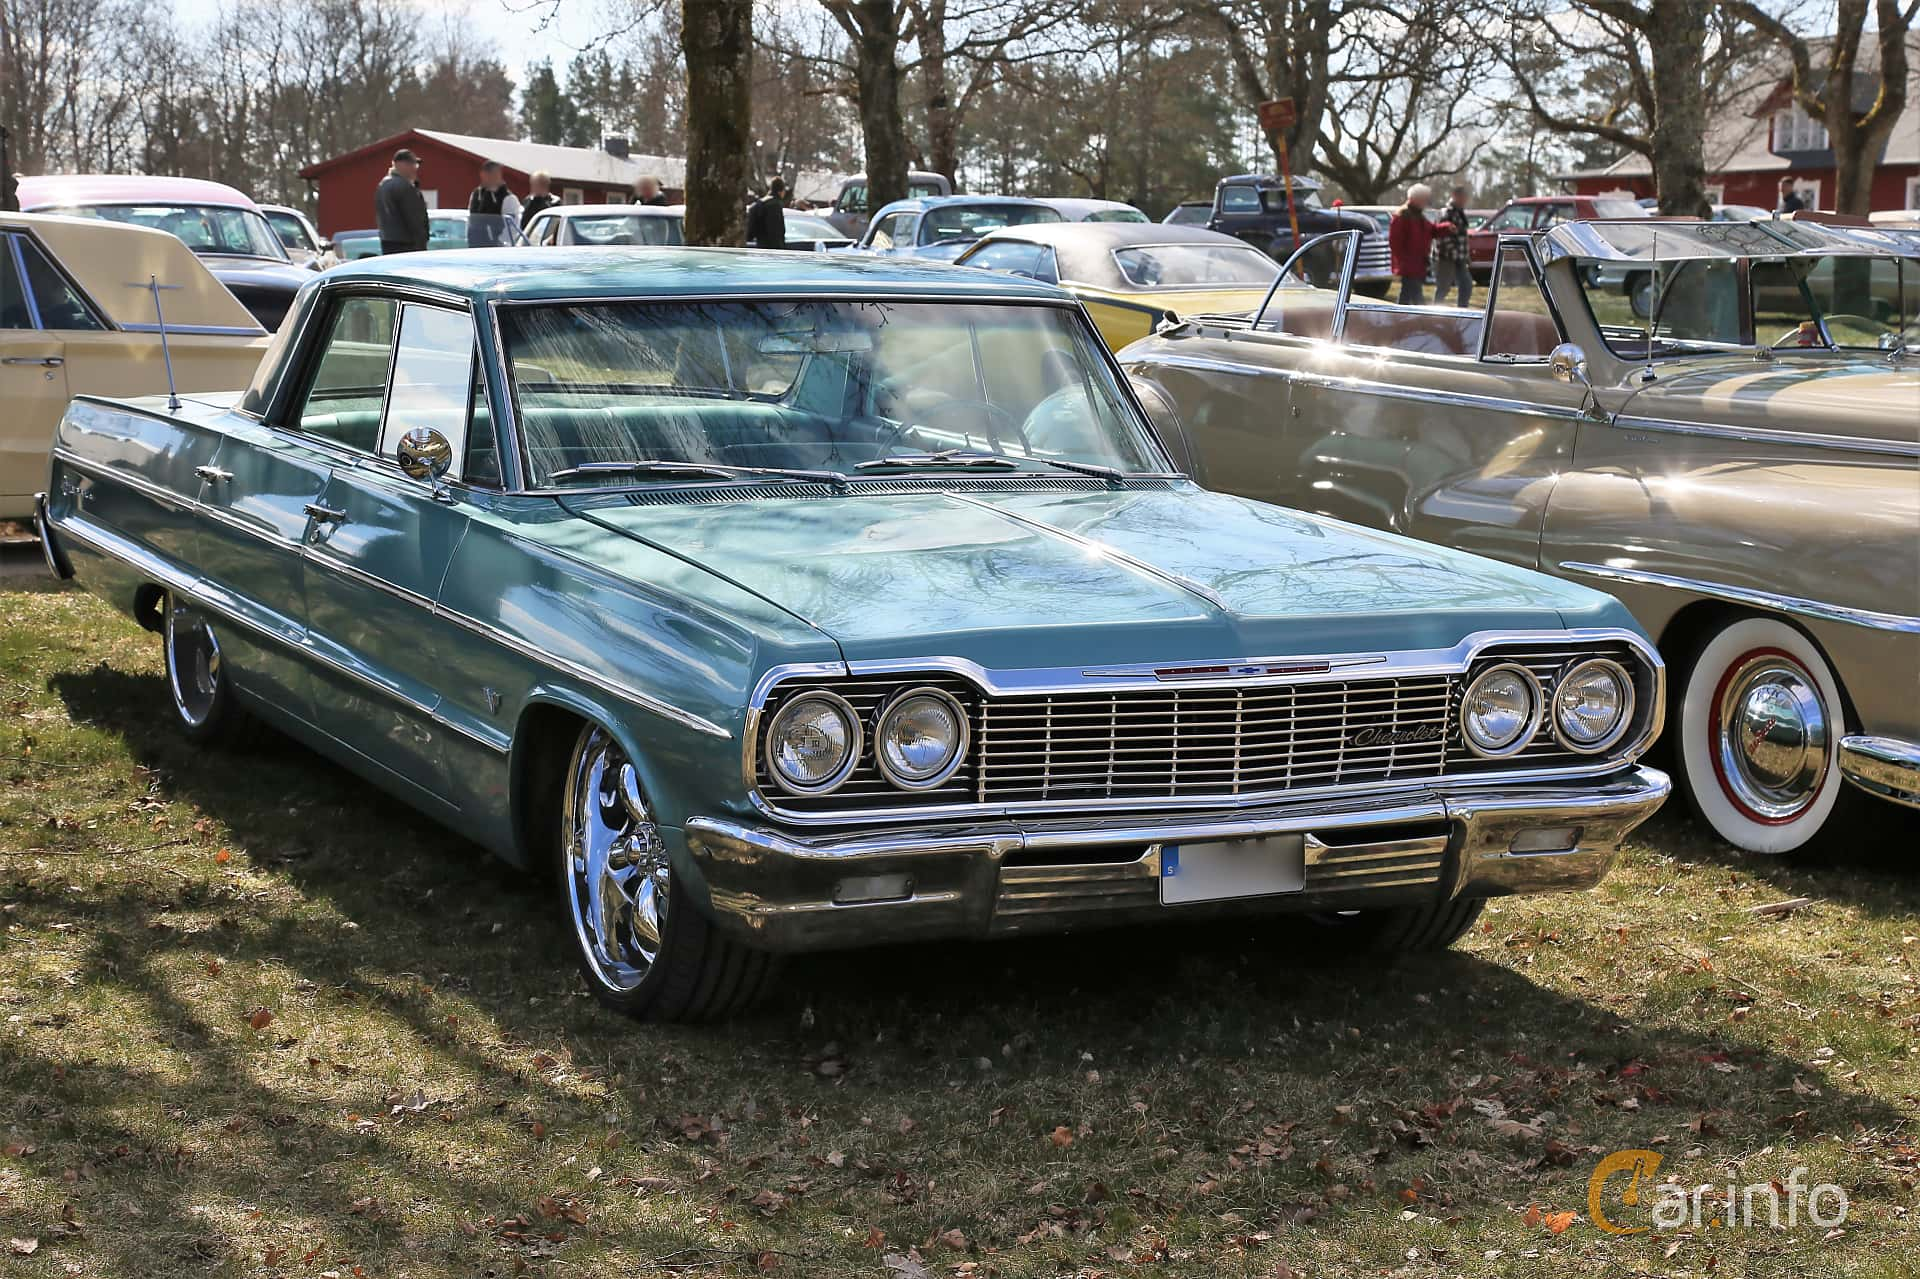 Chevrolet Impala Sport Sedan 5.4 V8 Powerglide, 253hp, 1964 at Uddevalla Veteranbilsmarknad Backamo, Ljungsk 2019